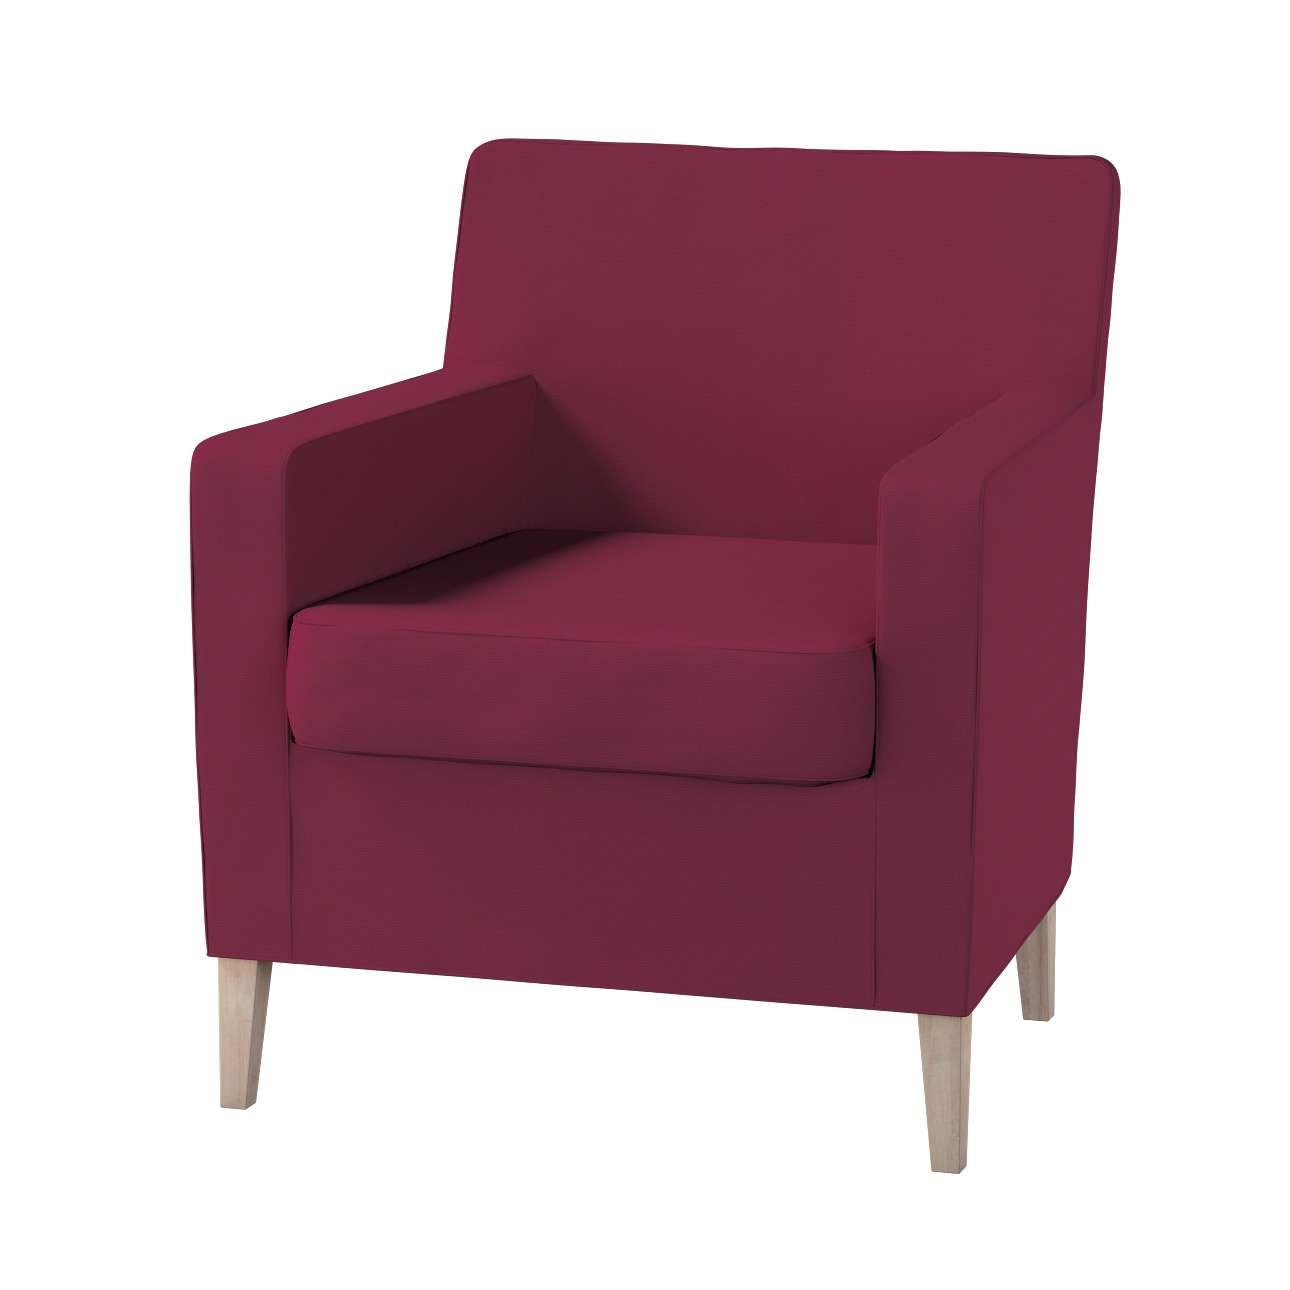 Karlstad fotelio-kėdės užvalkalas kolekcijoje Cotton Panama, audinys: 702-32